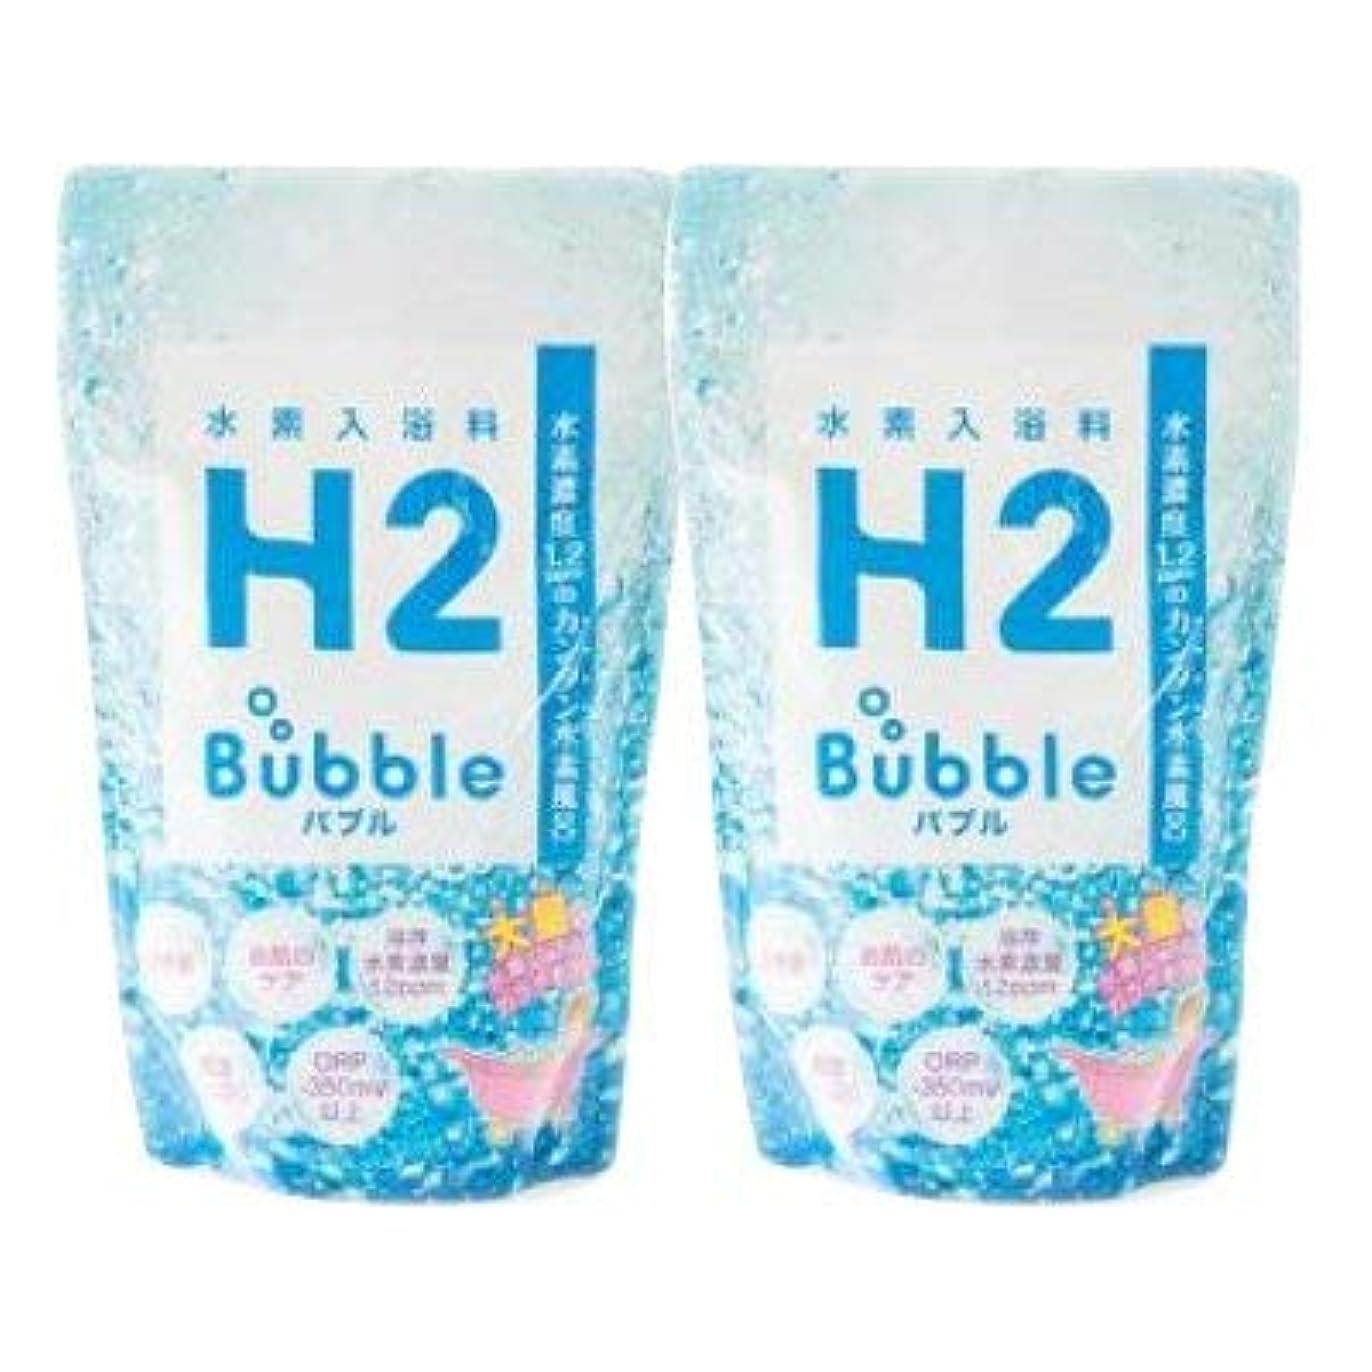 ゲーム本部モードリン水素 入浴剤 水素 風呂 水素バス【H2バブル h2bubble 700g(約1カ月分)×2袋セット】